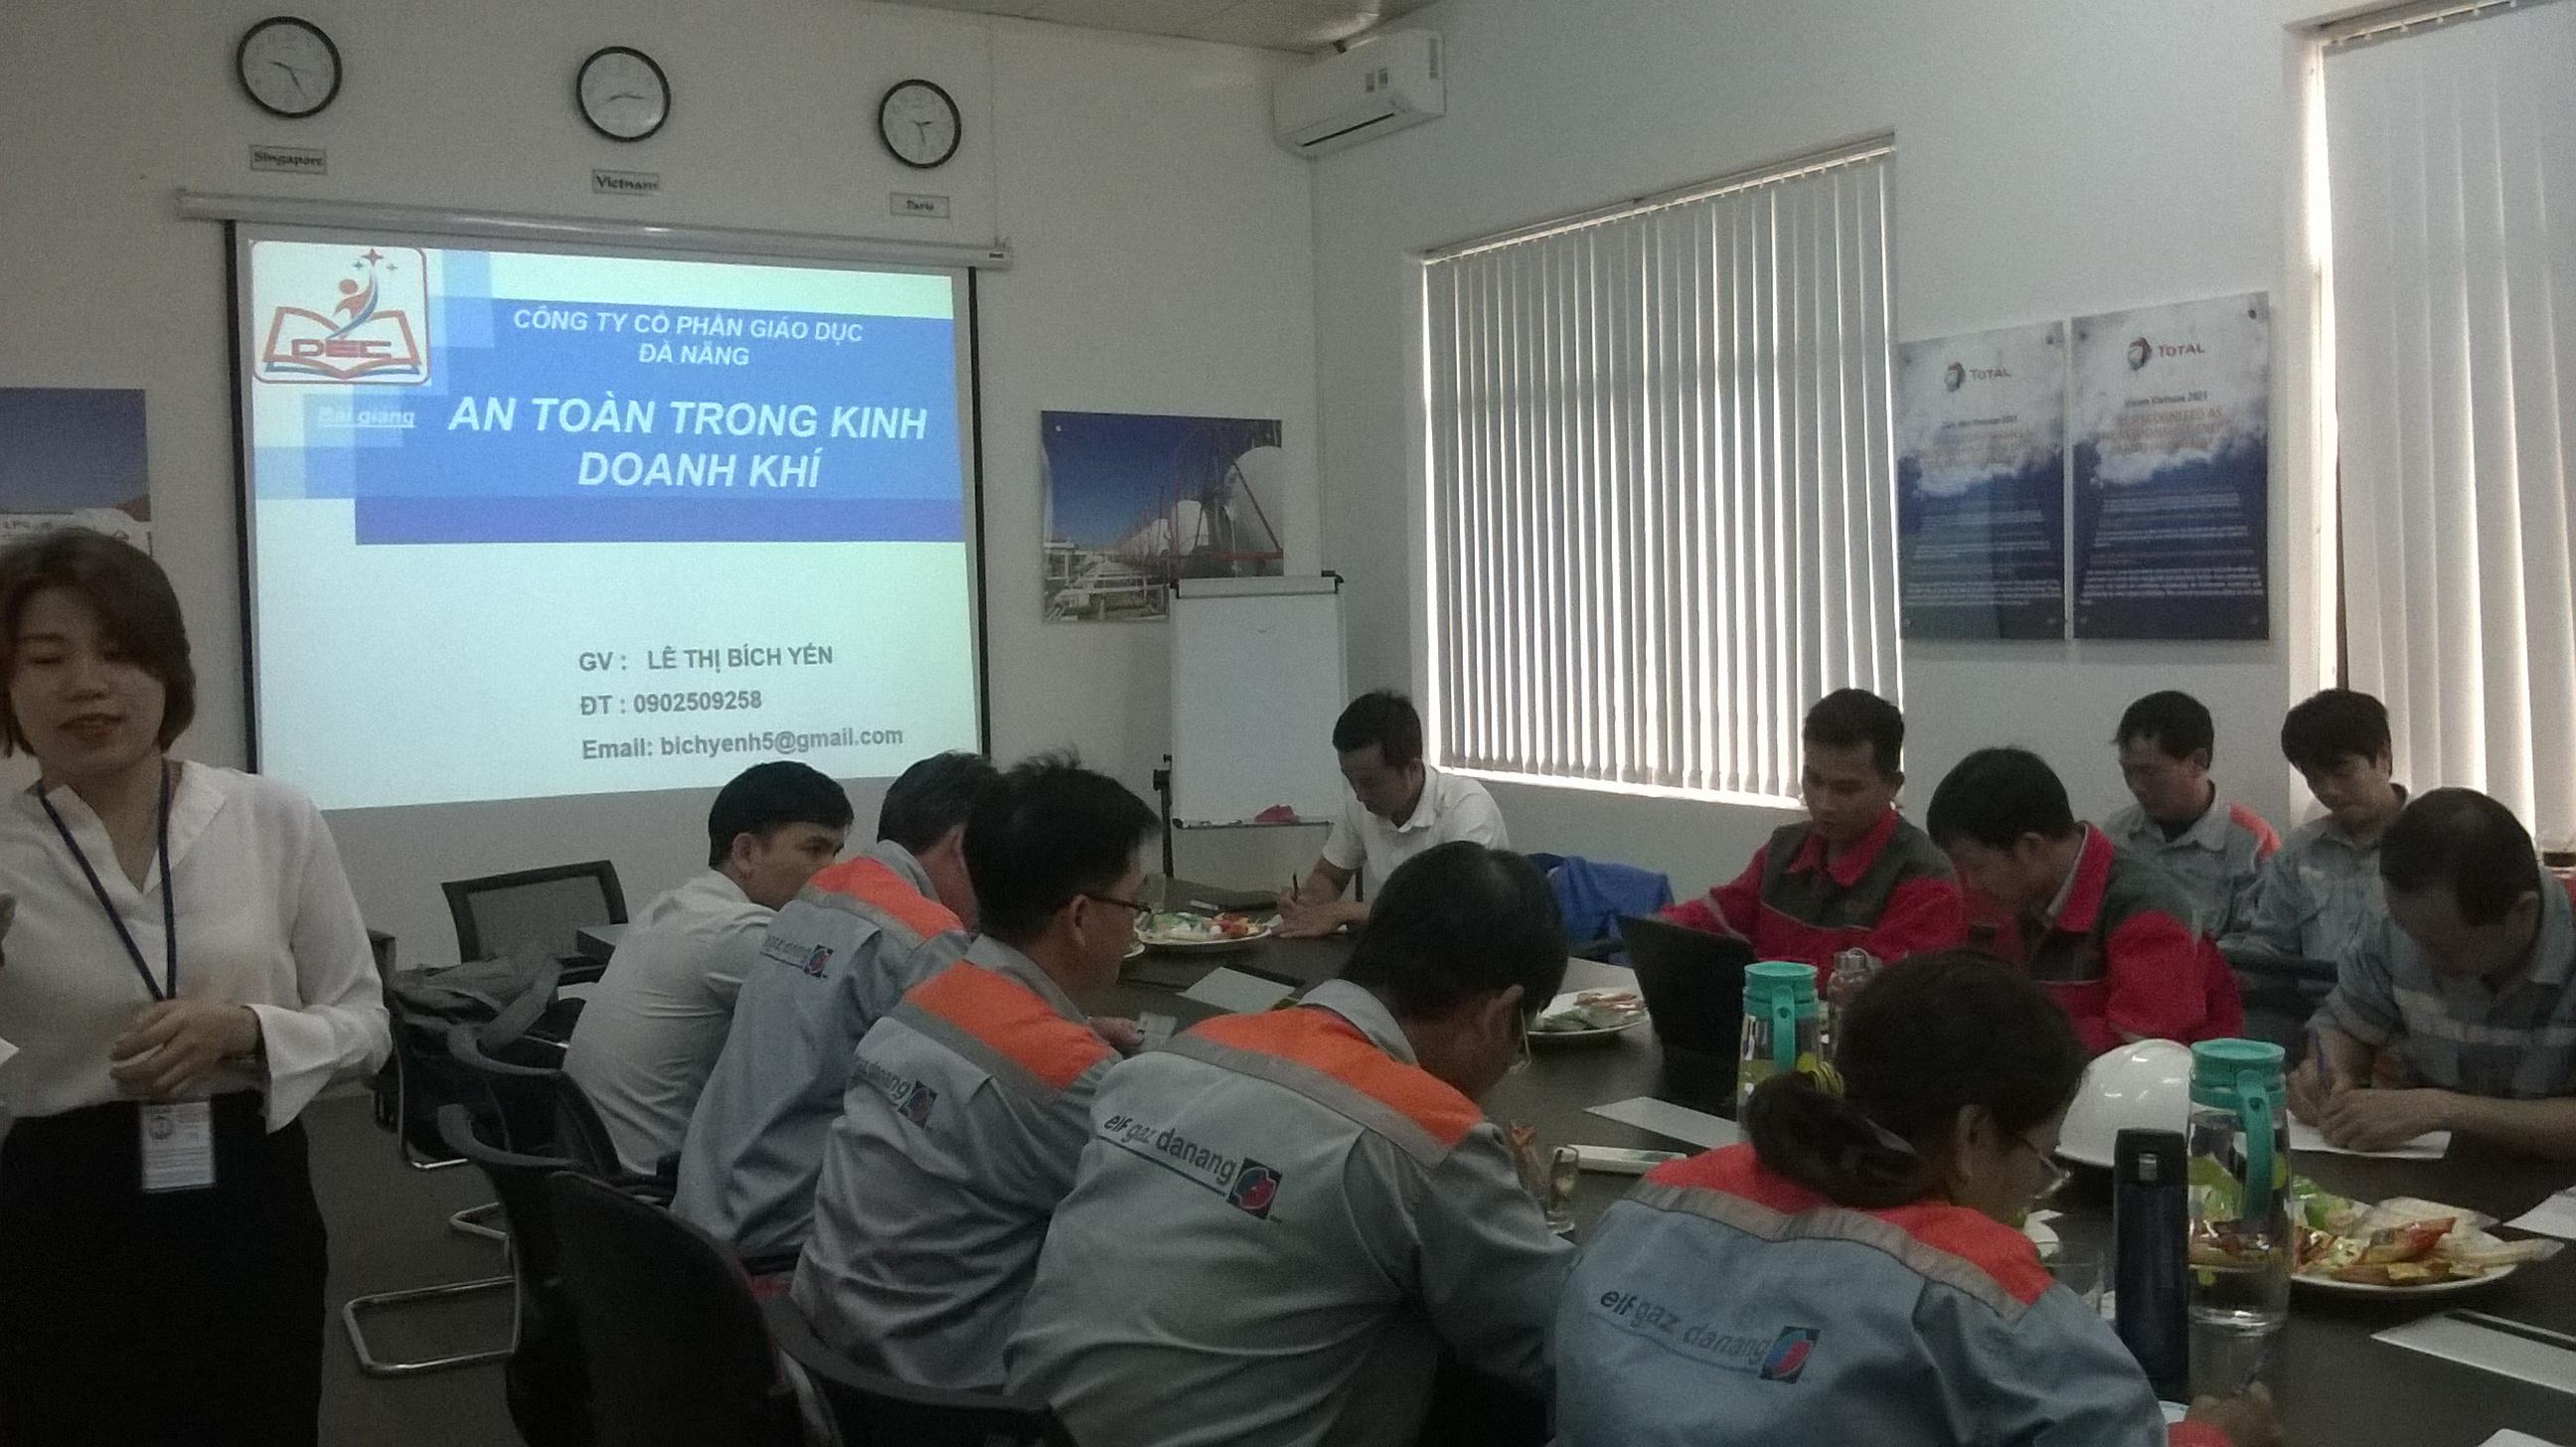 Huấn luyện kỹ thuật an toàn vận chuyển hàng công nghiệp nguy hiểm